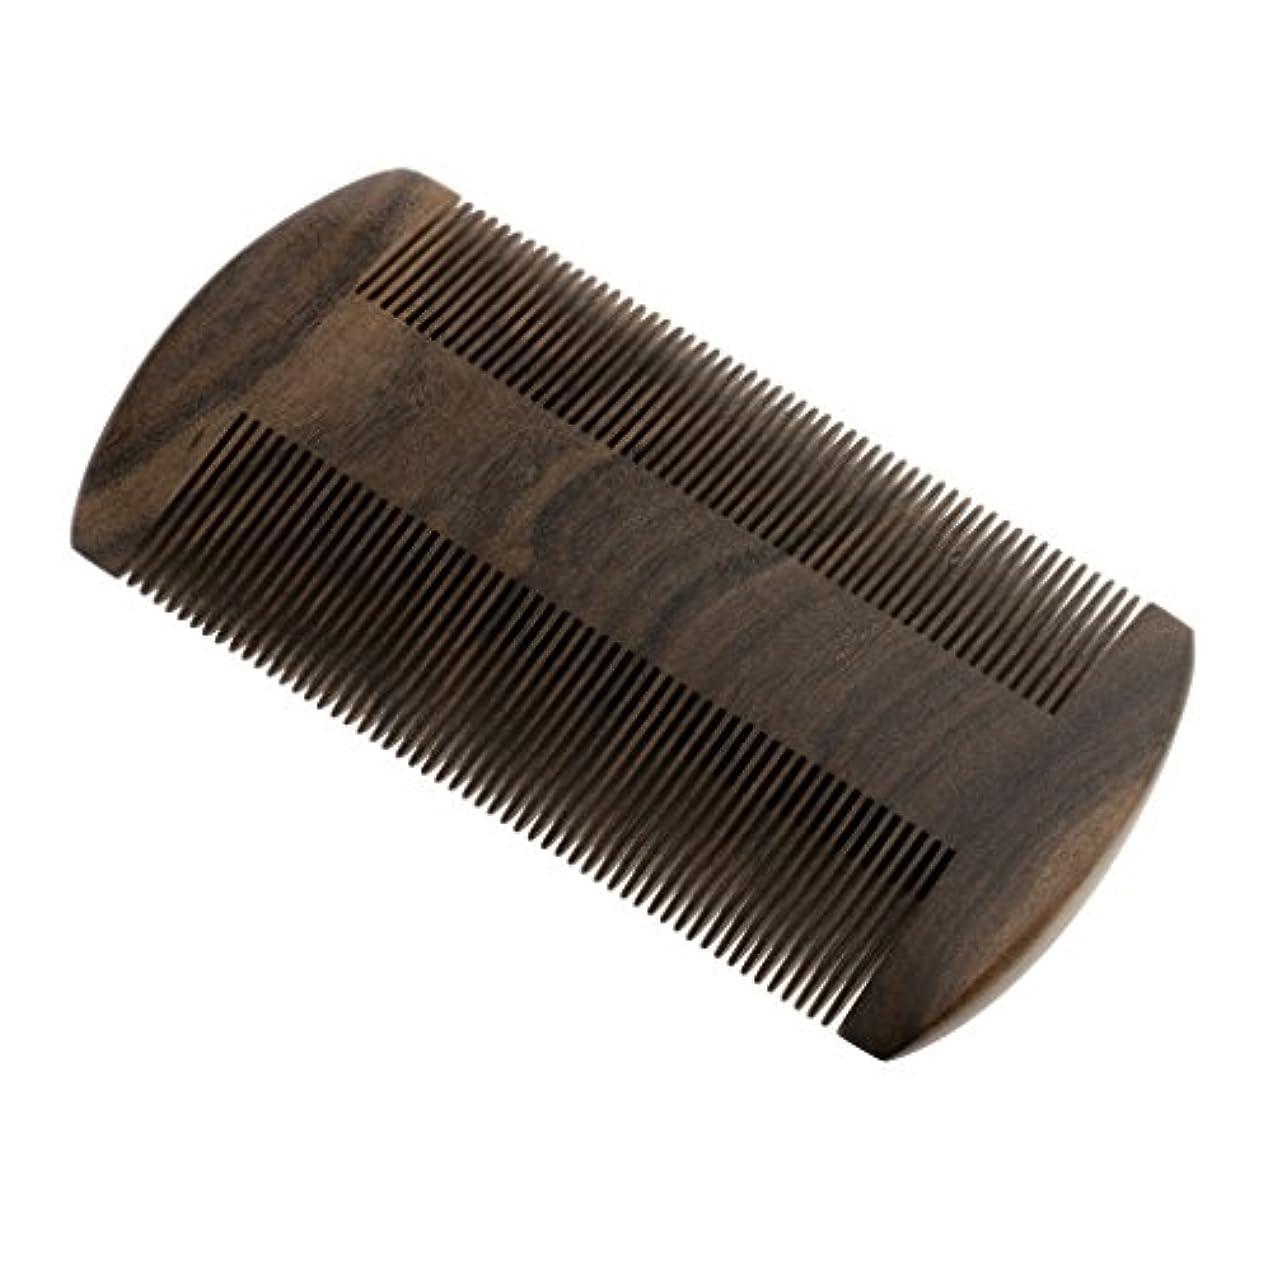 SM SunniMix ヘア櫛 ヘアブラシ ヘアコーム ウッド 静電気防止 高倍密度の歯 チャケートプレト 携帯便利